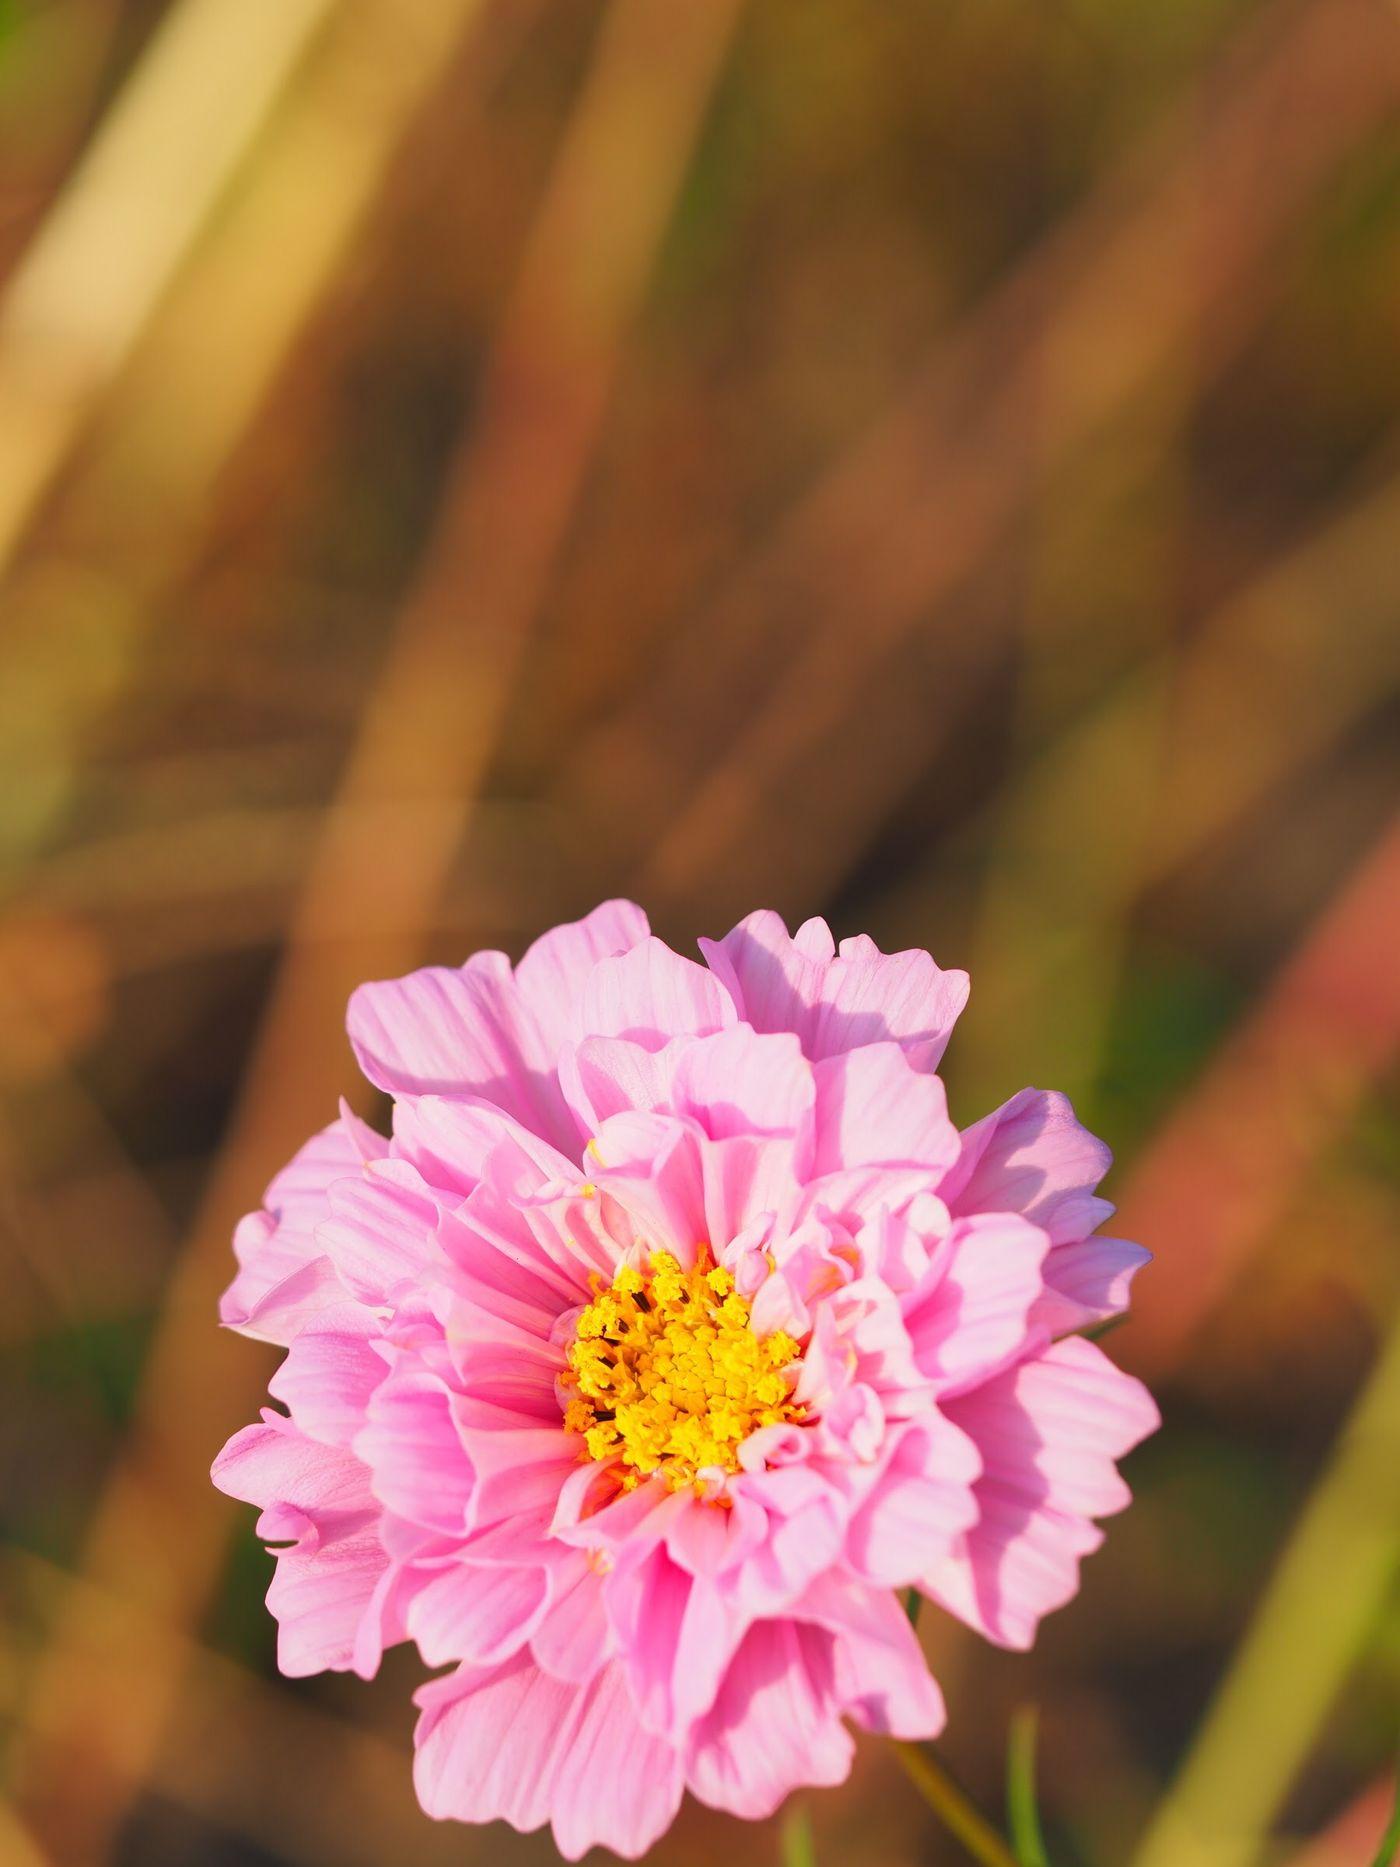 八重 コスモス Cosmos Flowers EyeEm Flower Flower Collection EyeEmFlower EyeEm Best Shots ダブルクリック